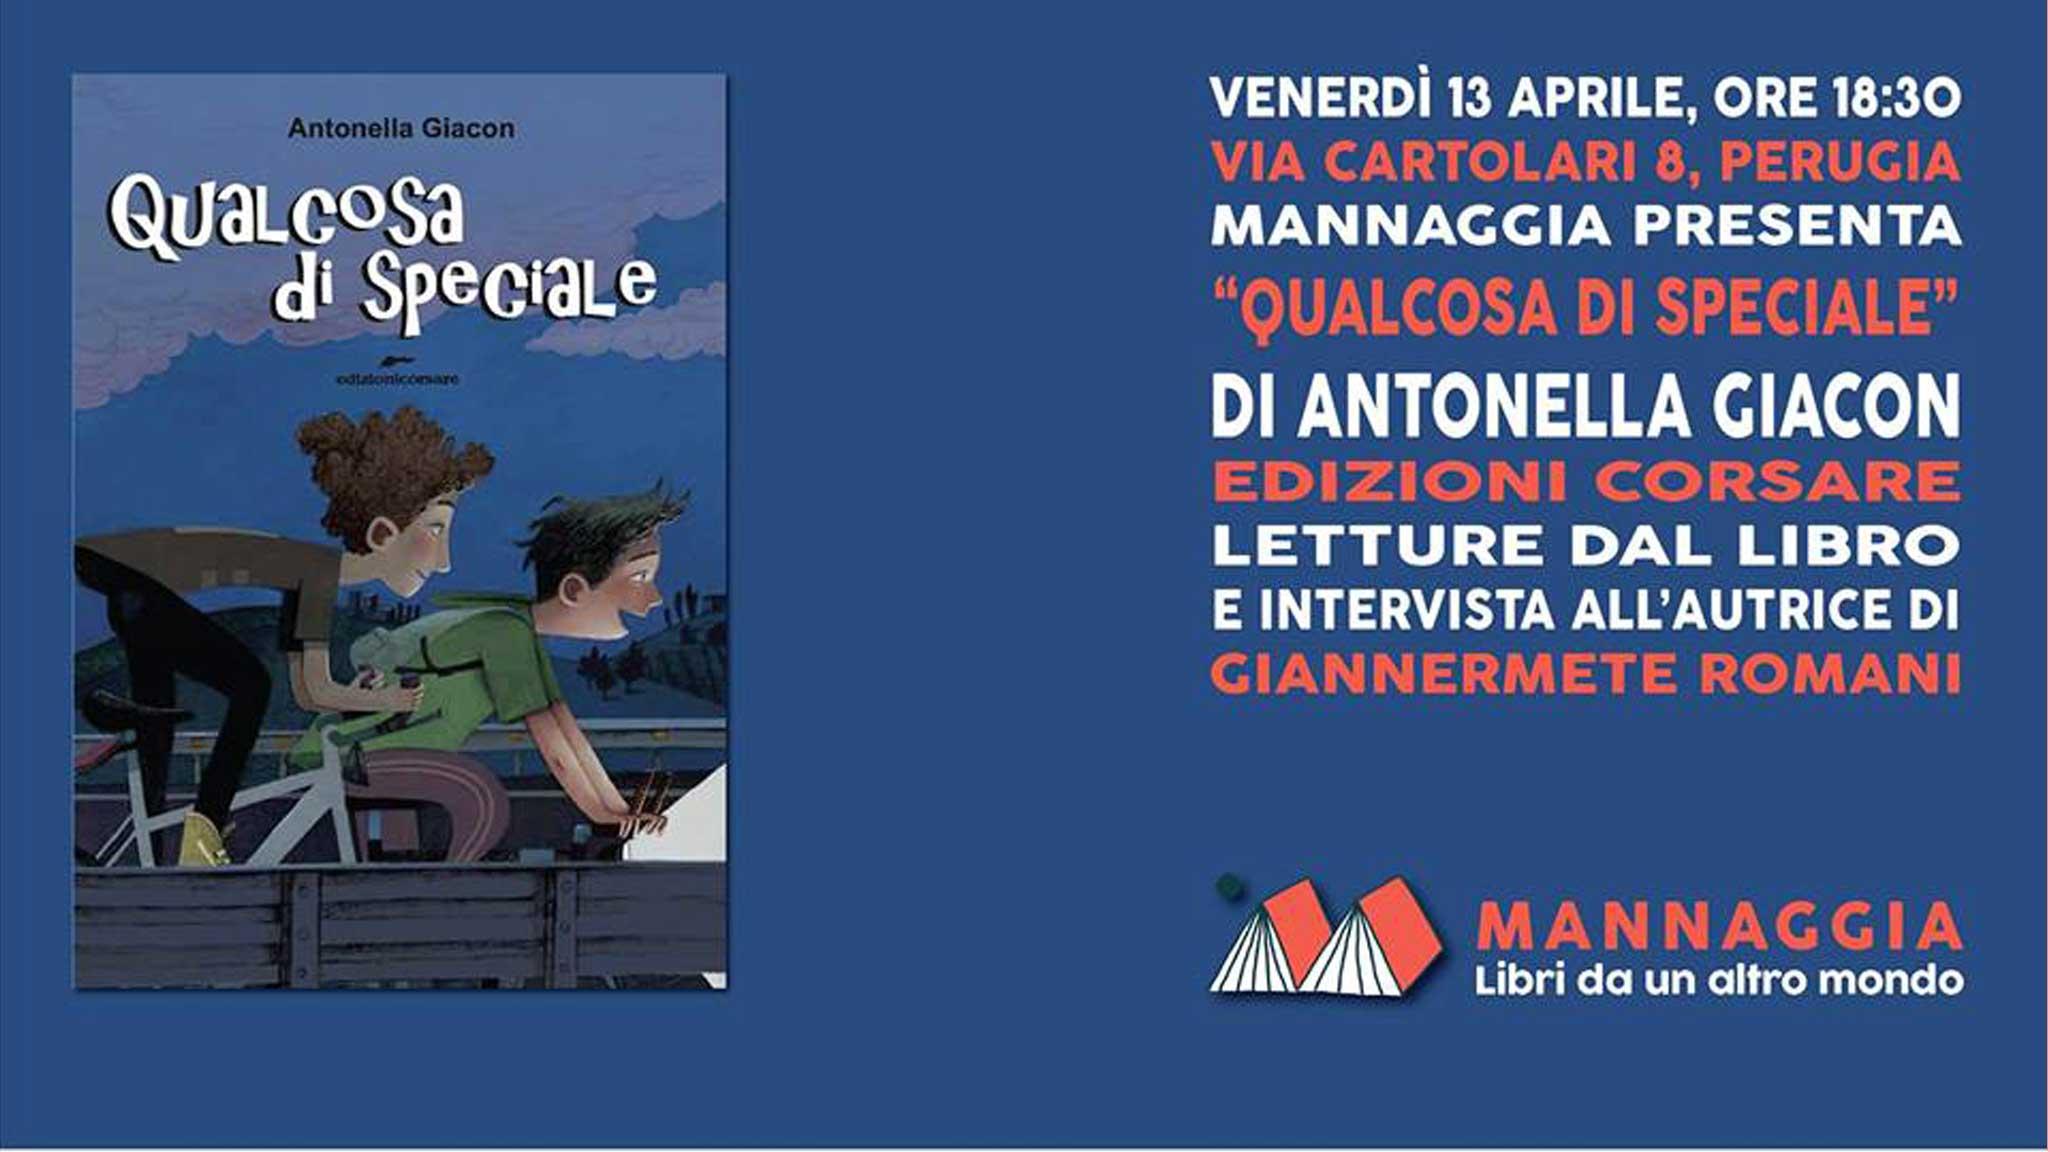 """Mannaggia presenta """"Qualcosa di speciale"""" di Antonella Giacon"""